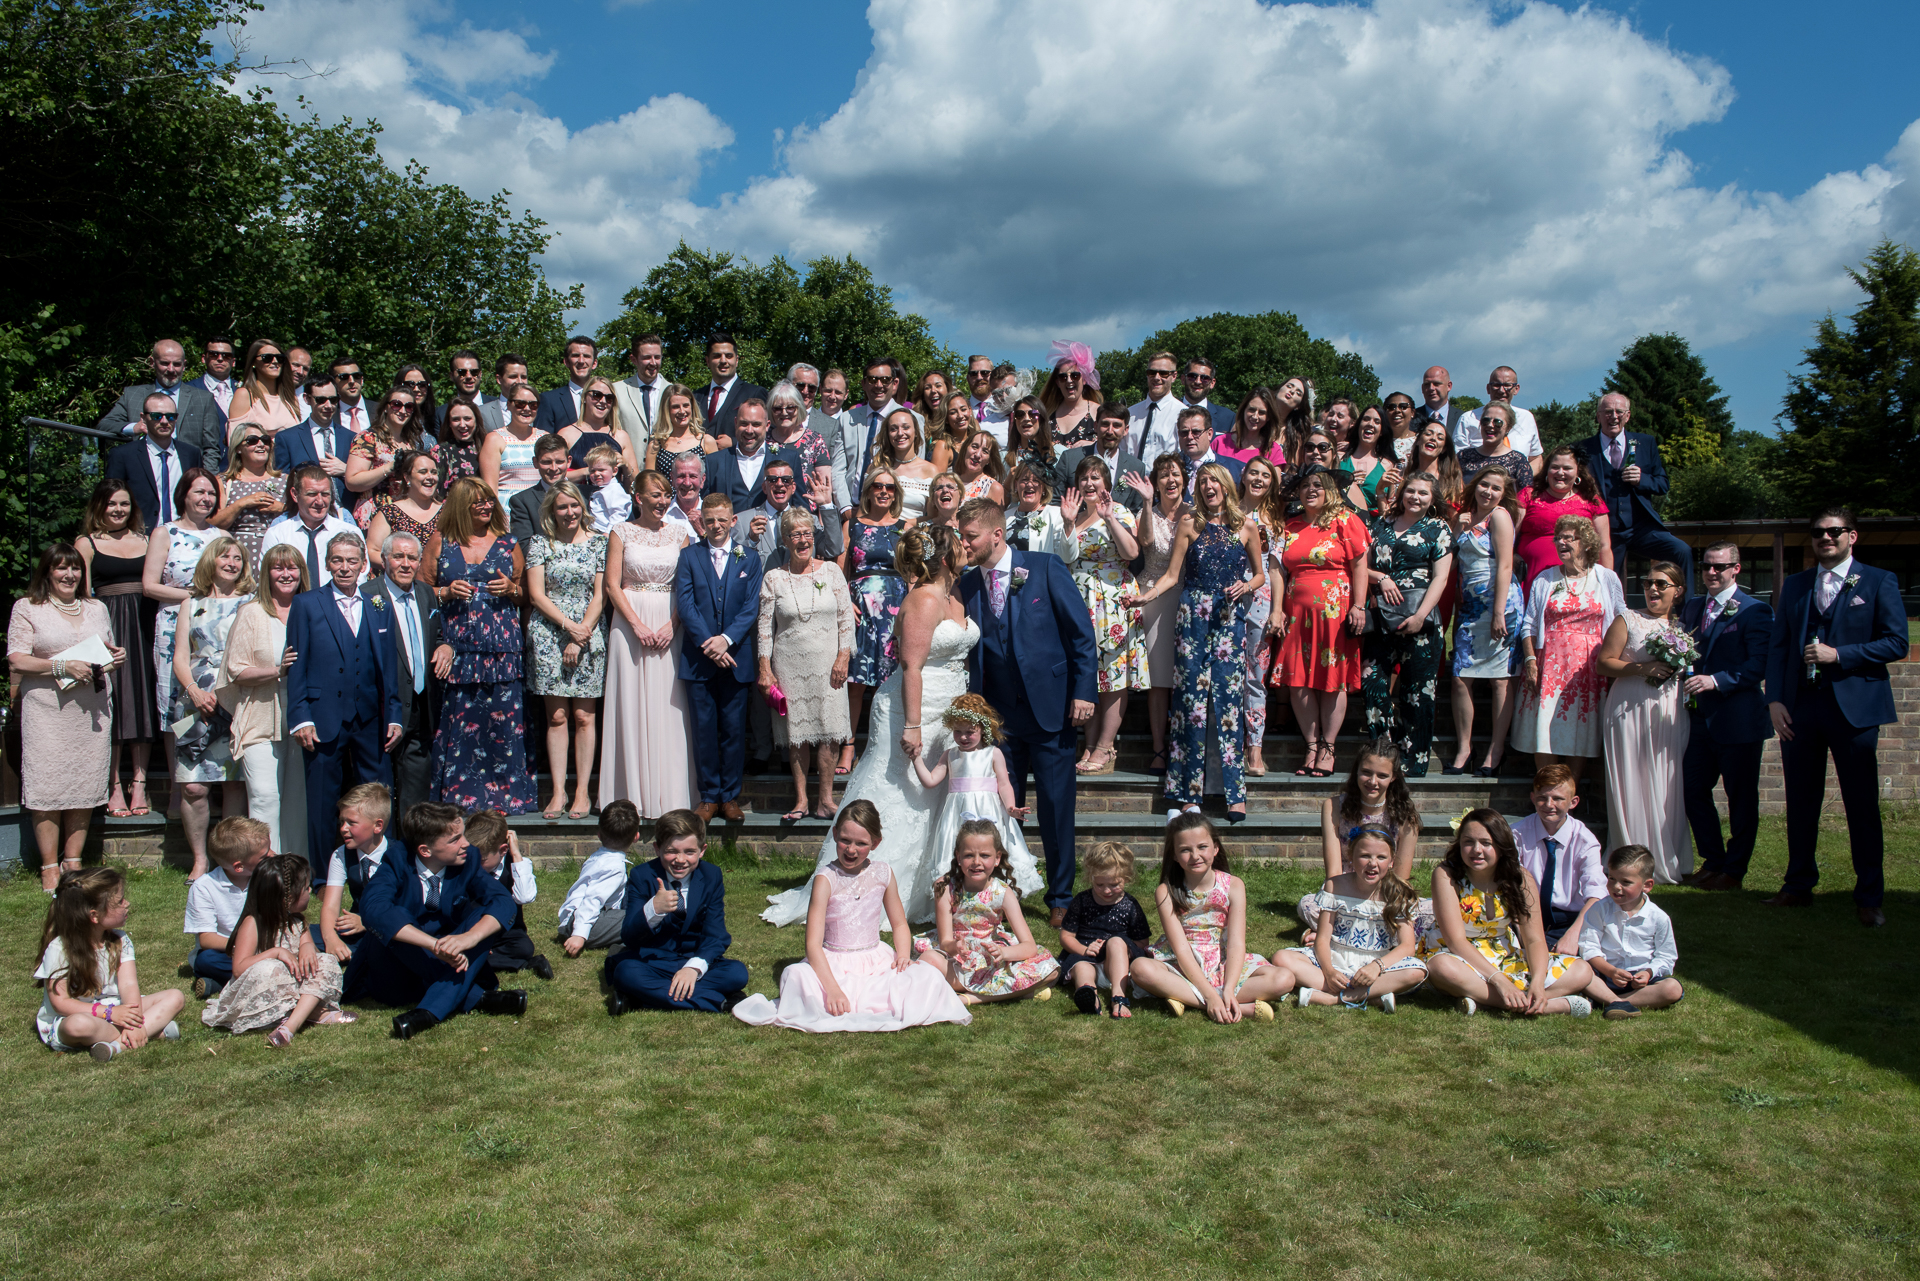 Frensham-Pond-Hotel-wedding_44.JPG